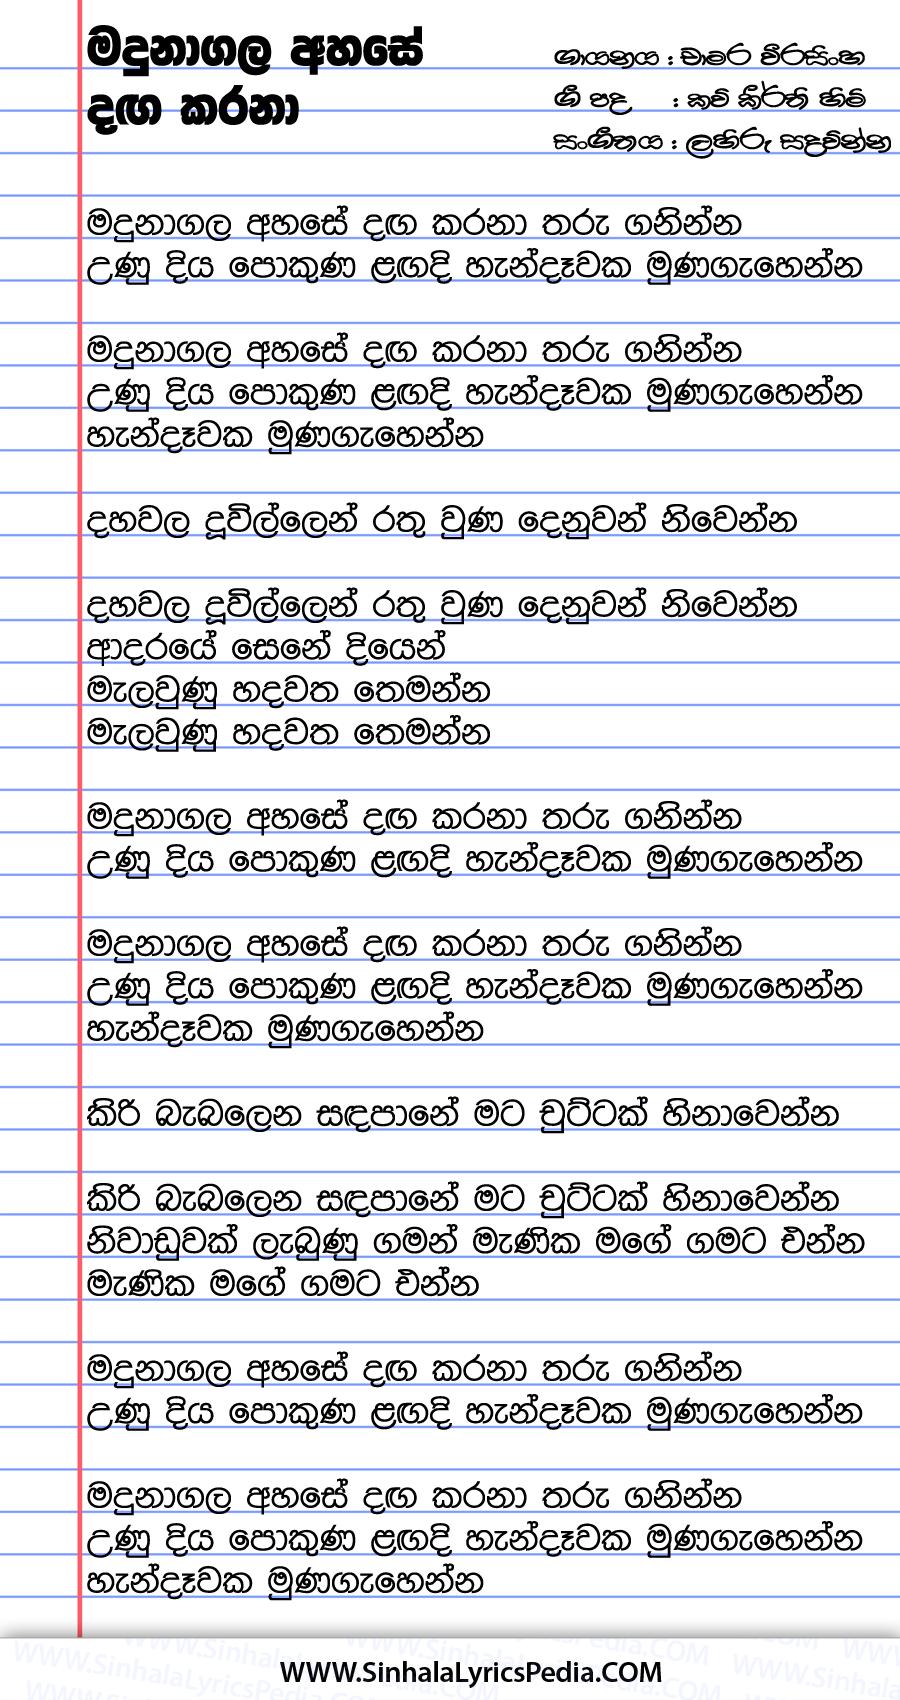 Madunagala Ahase Danga Karana Song Lyrics